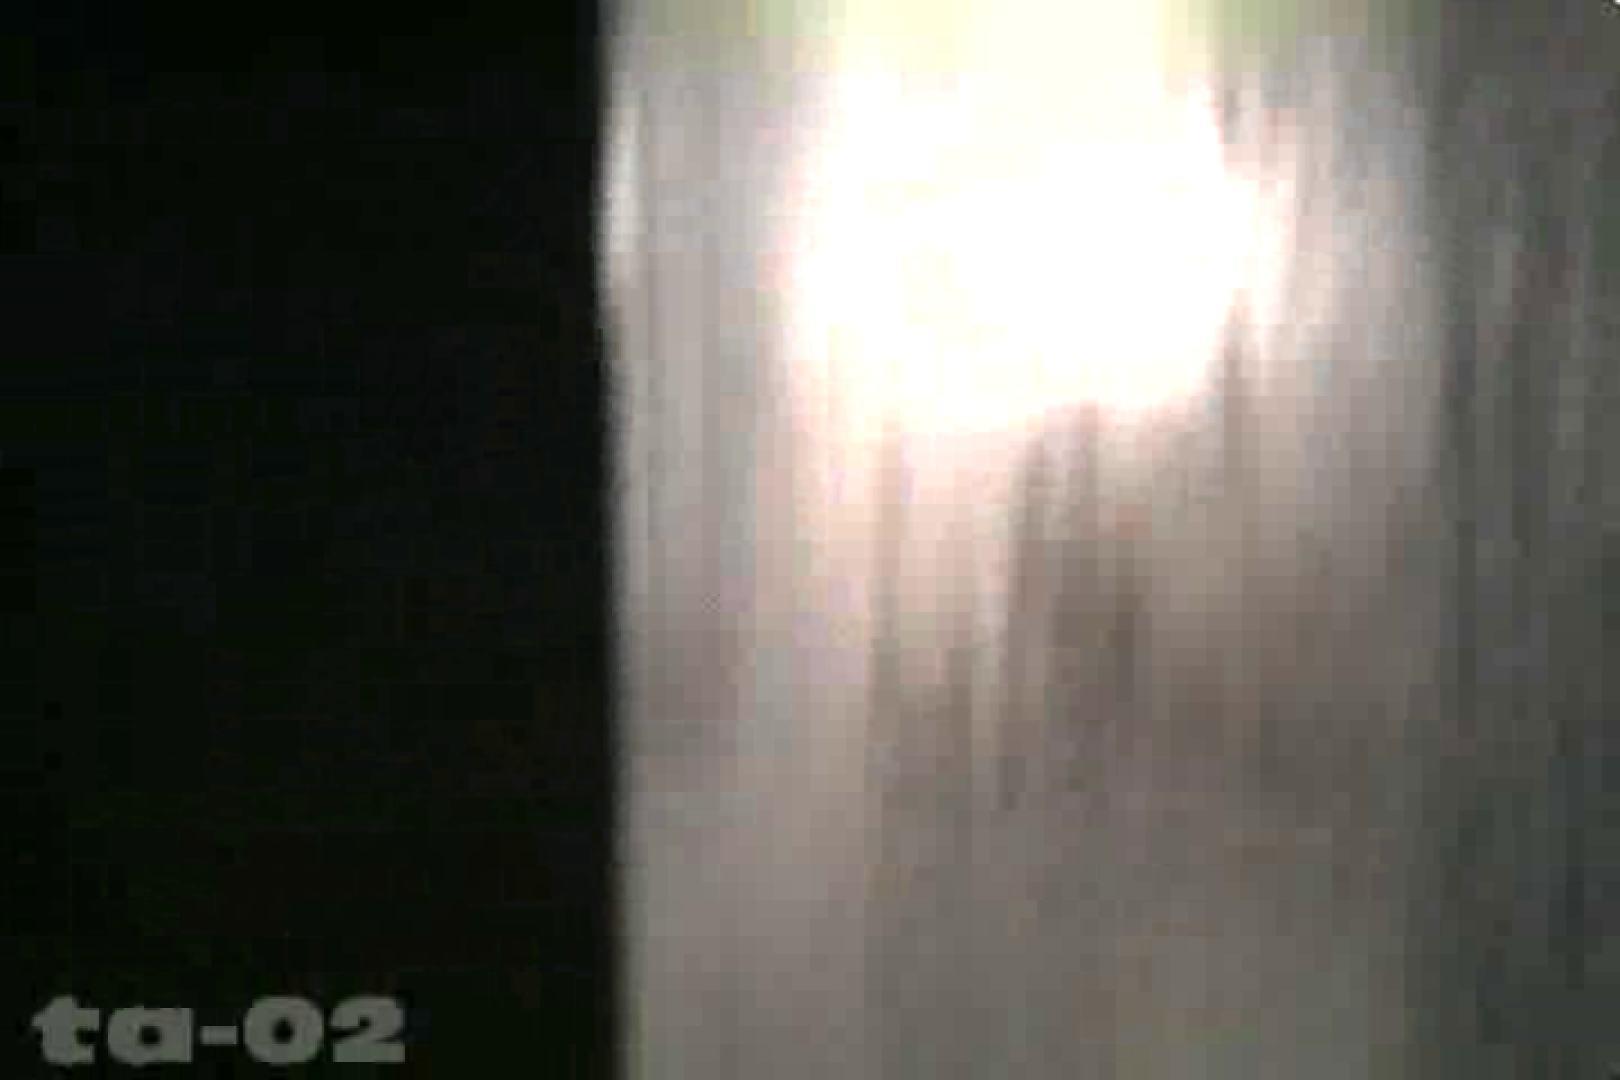 合宿ホテル女風呂盗撮高画質版 Vol.02 女風呂  76pic 8